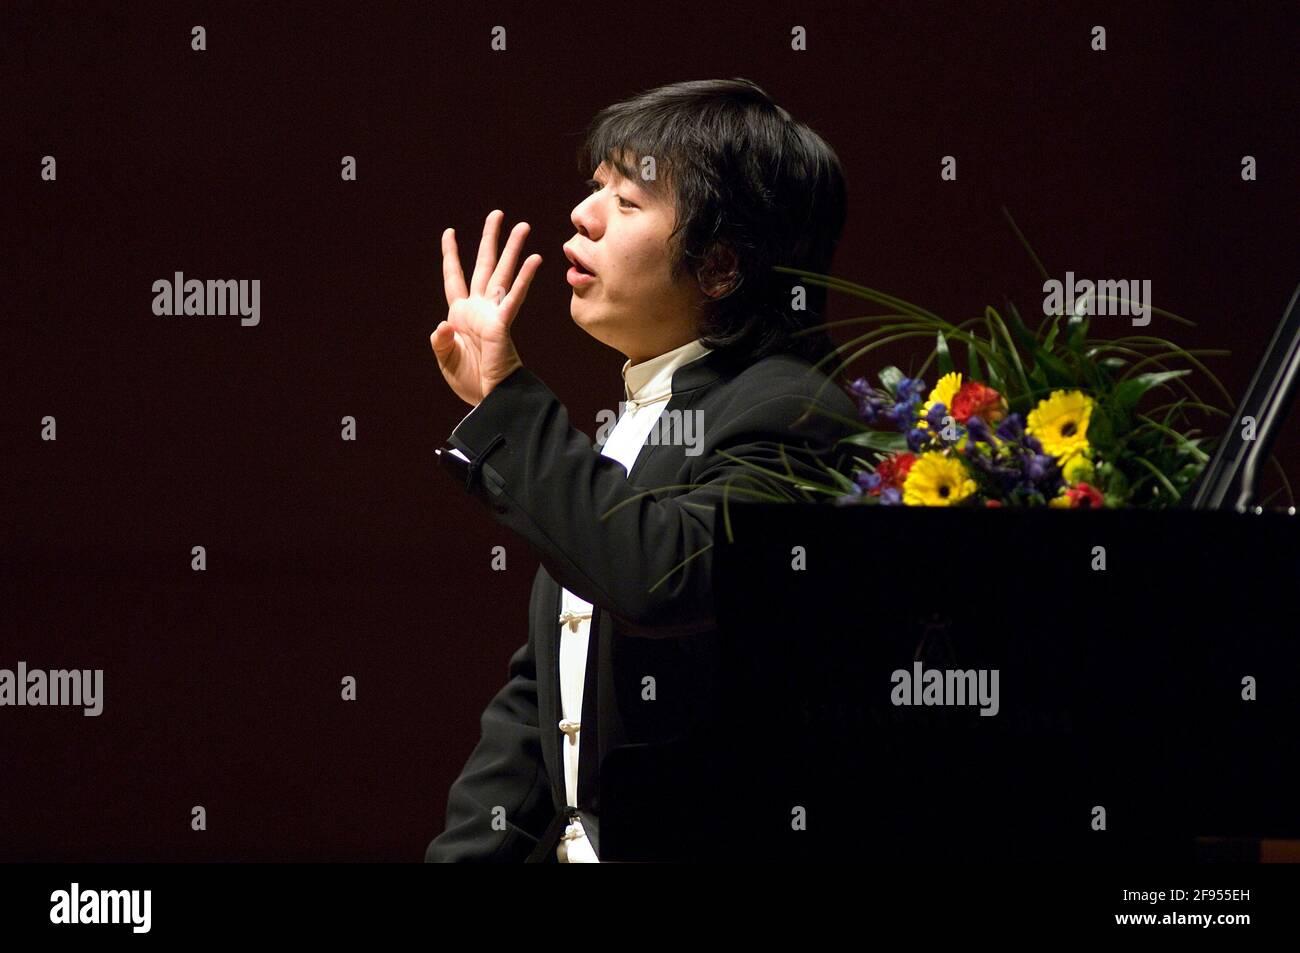 DEU, Deutschland, Ruhrgebiet, Essen, 10.02.2006: Der pianist Lang kmuniziert mit seinem Publikum bei seinem Konzert in der Philharmonie Essen. Foto Stock